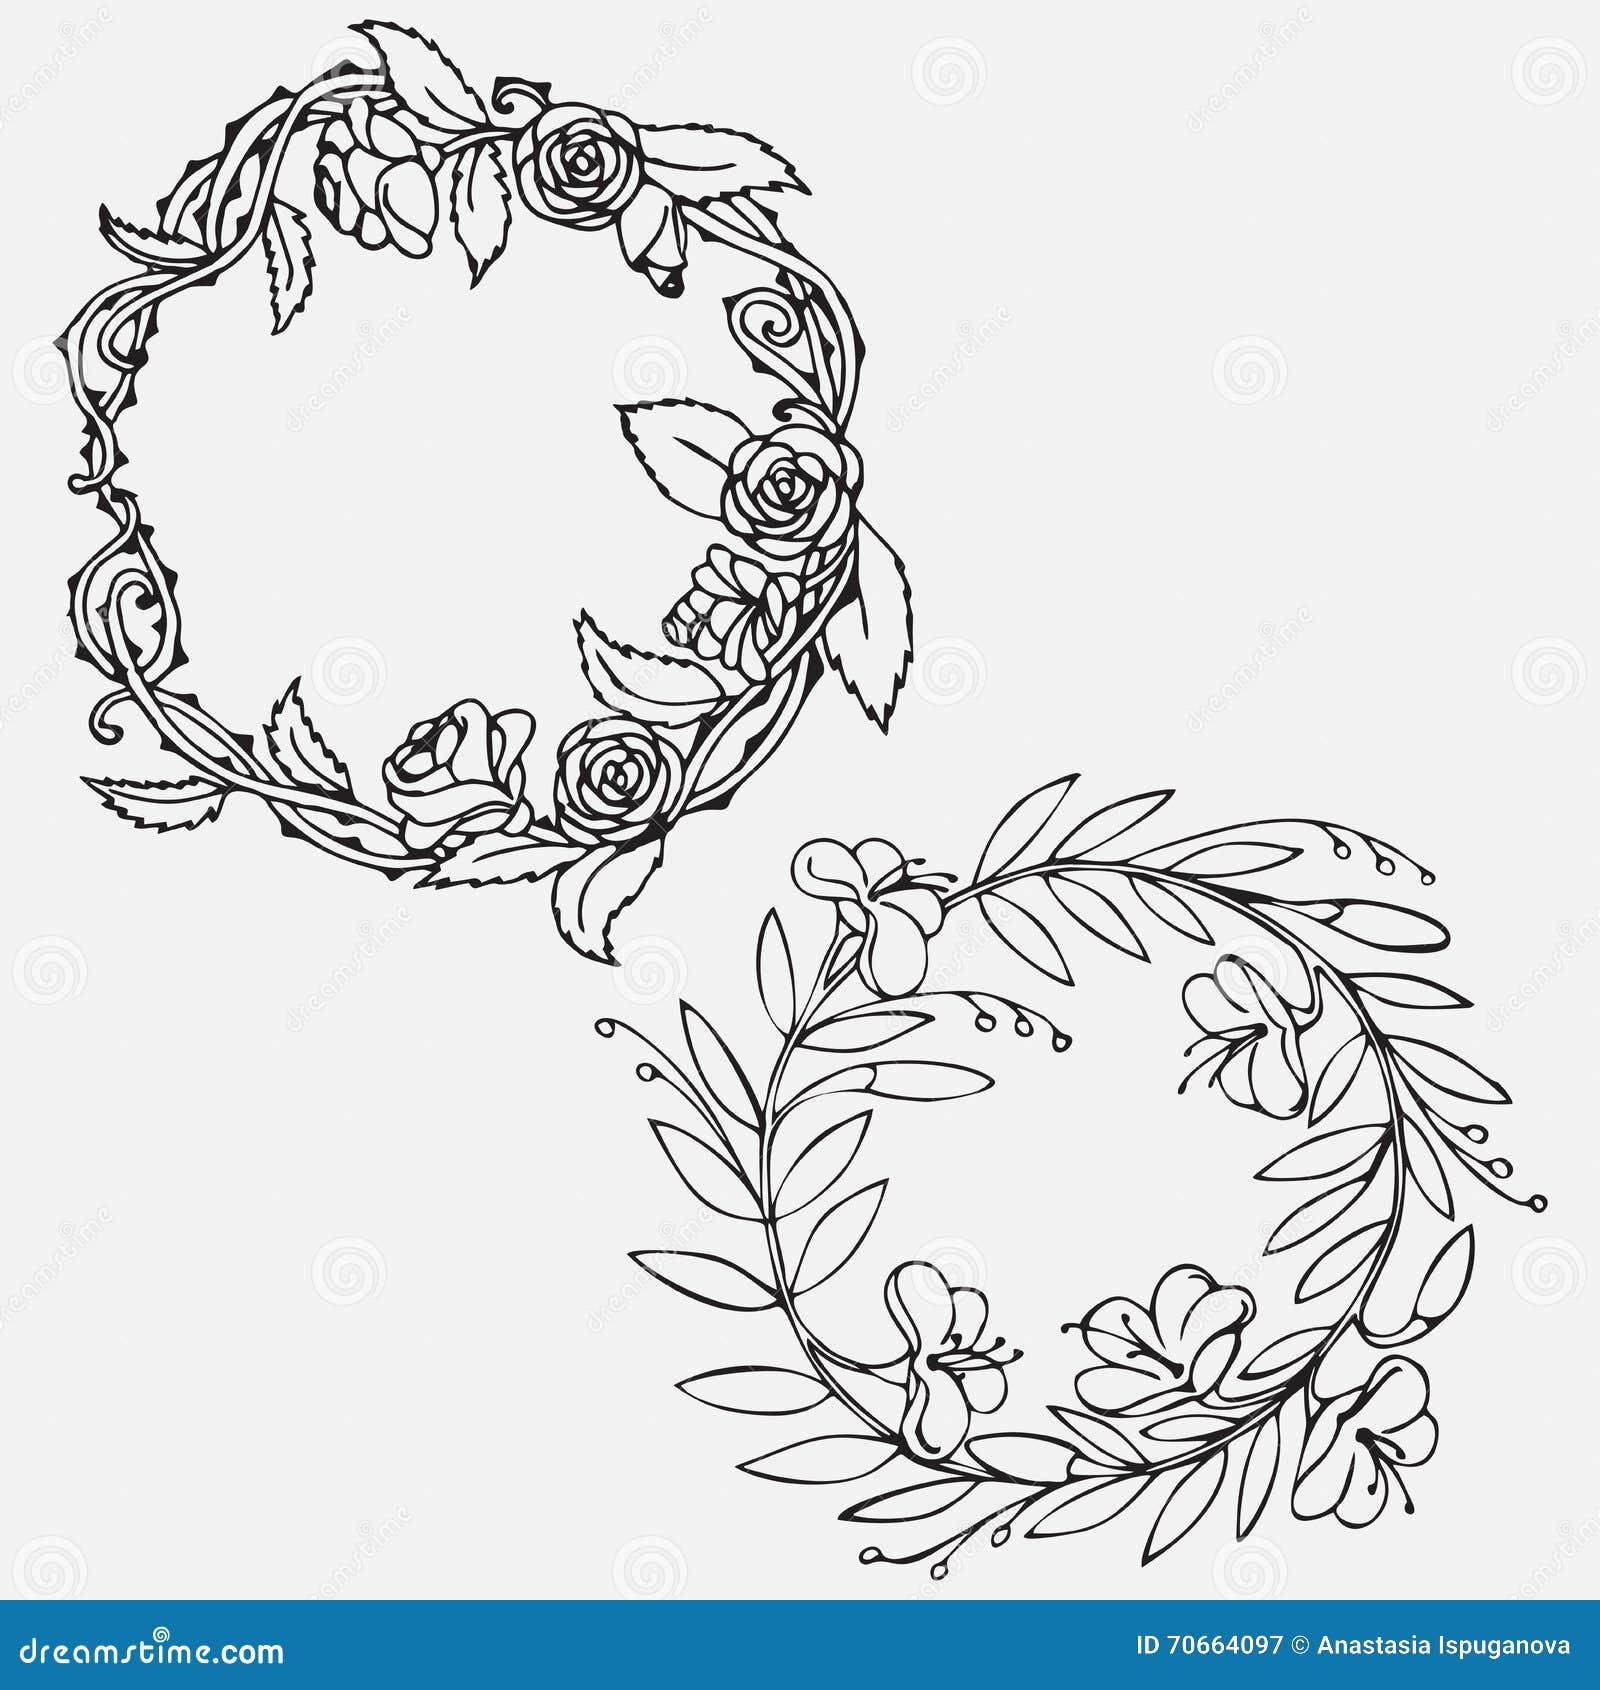 Rose outline vector image - Hand Drawn Vintage Decorative Lovely Set Of Laurels And